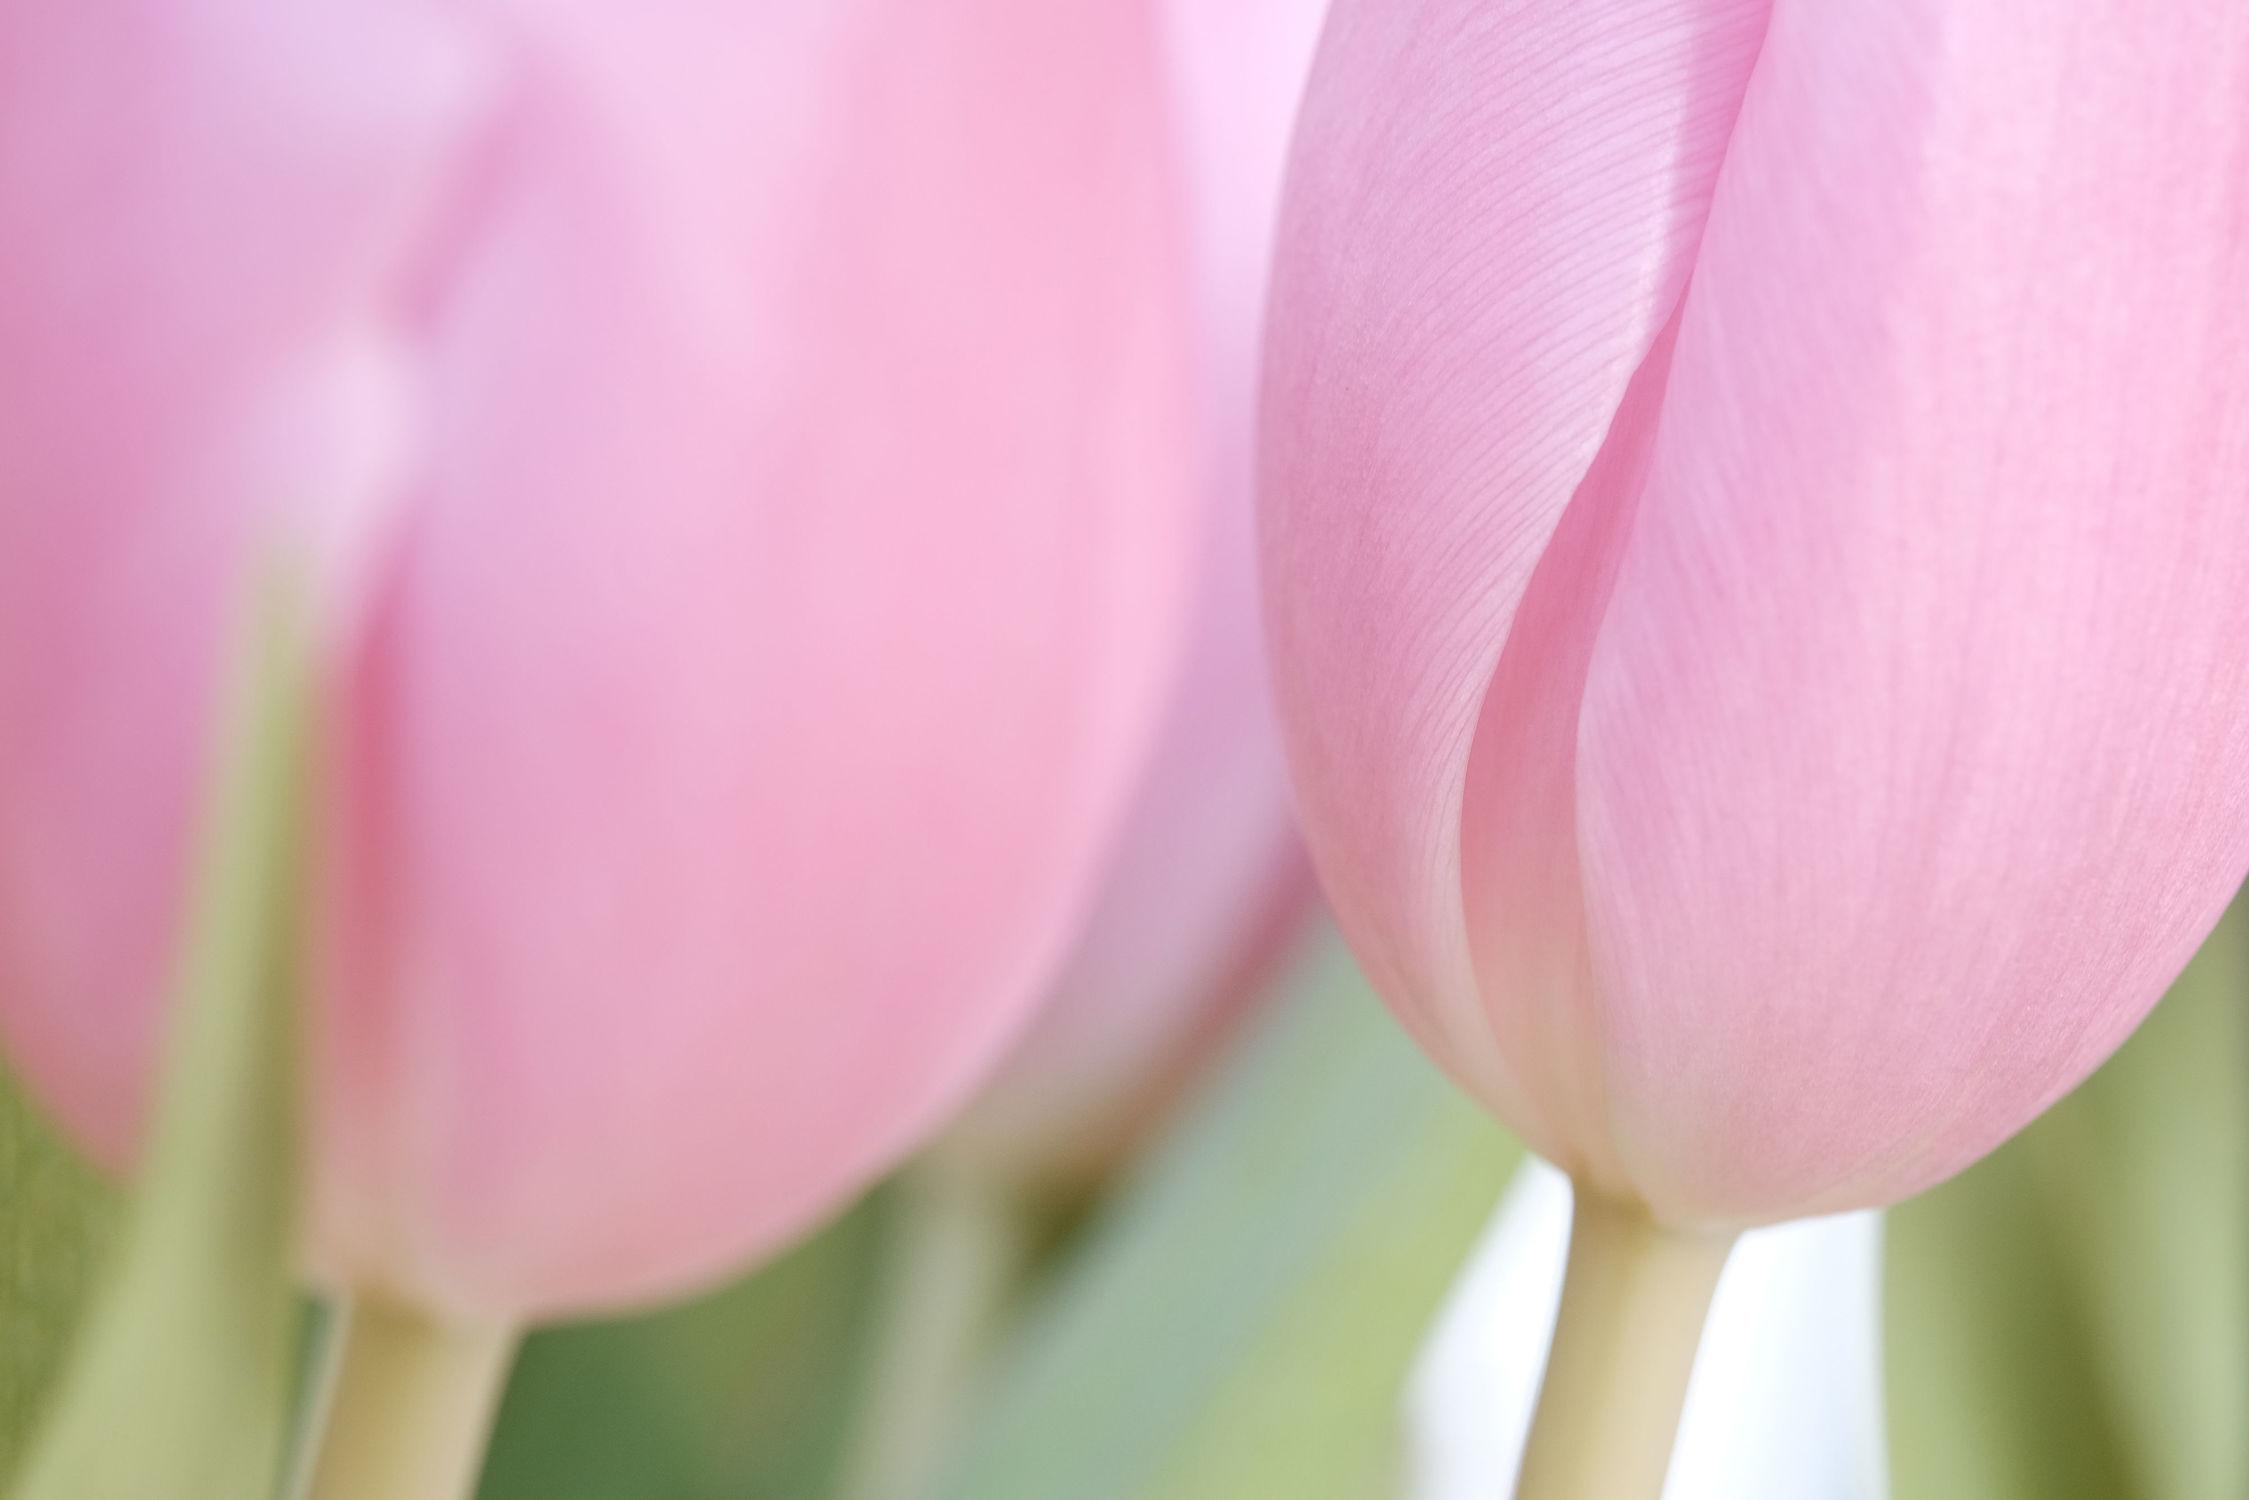 Bild mit Farben, Blumen, Blumen, Frühling, Tulpen, frühjahr, Liebe, Dezent, Zartheit, Zärtlichkeit, Gemeinsamkeit